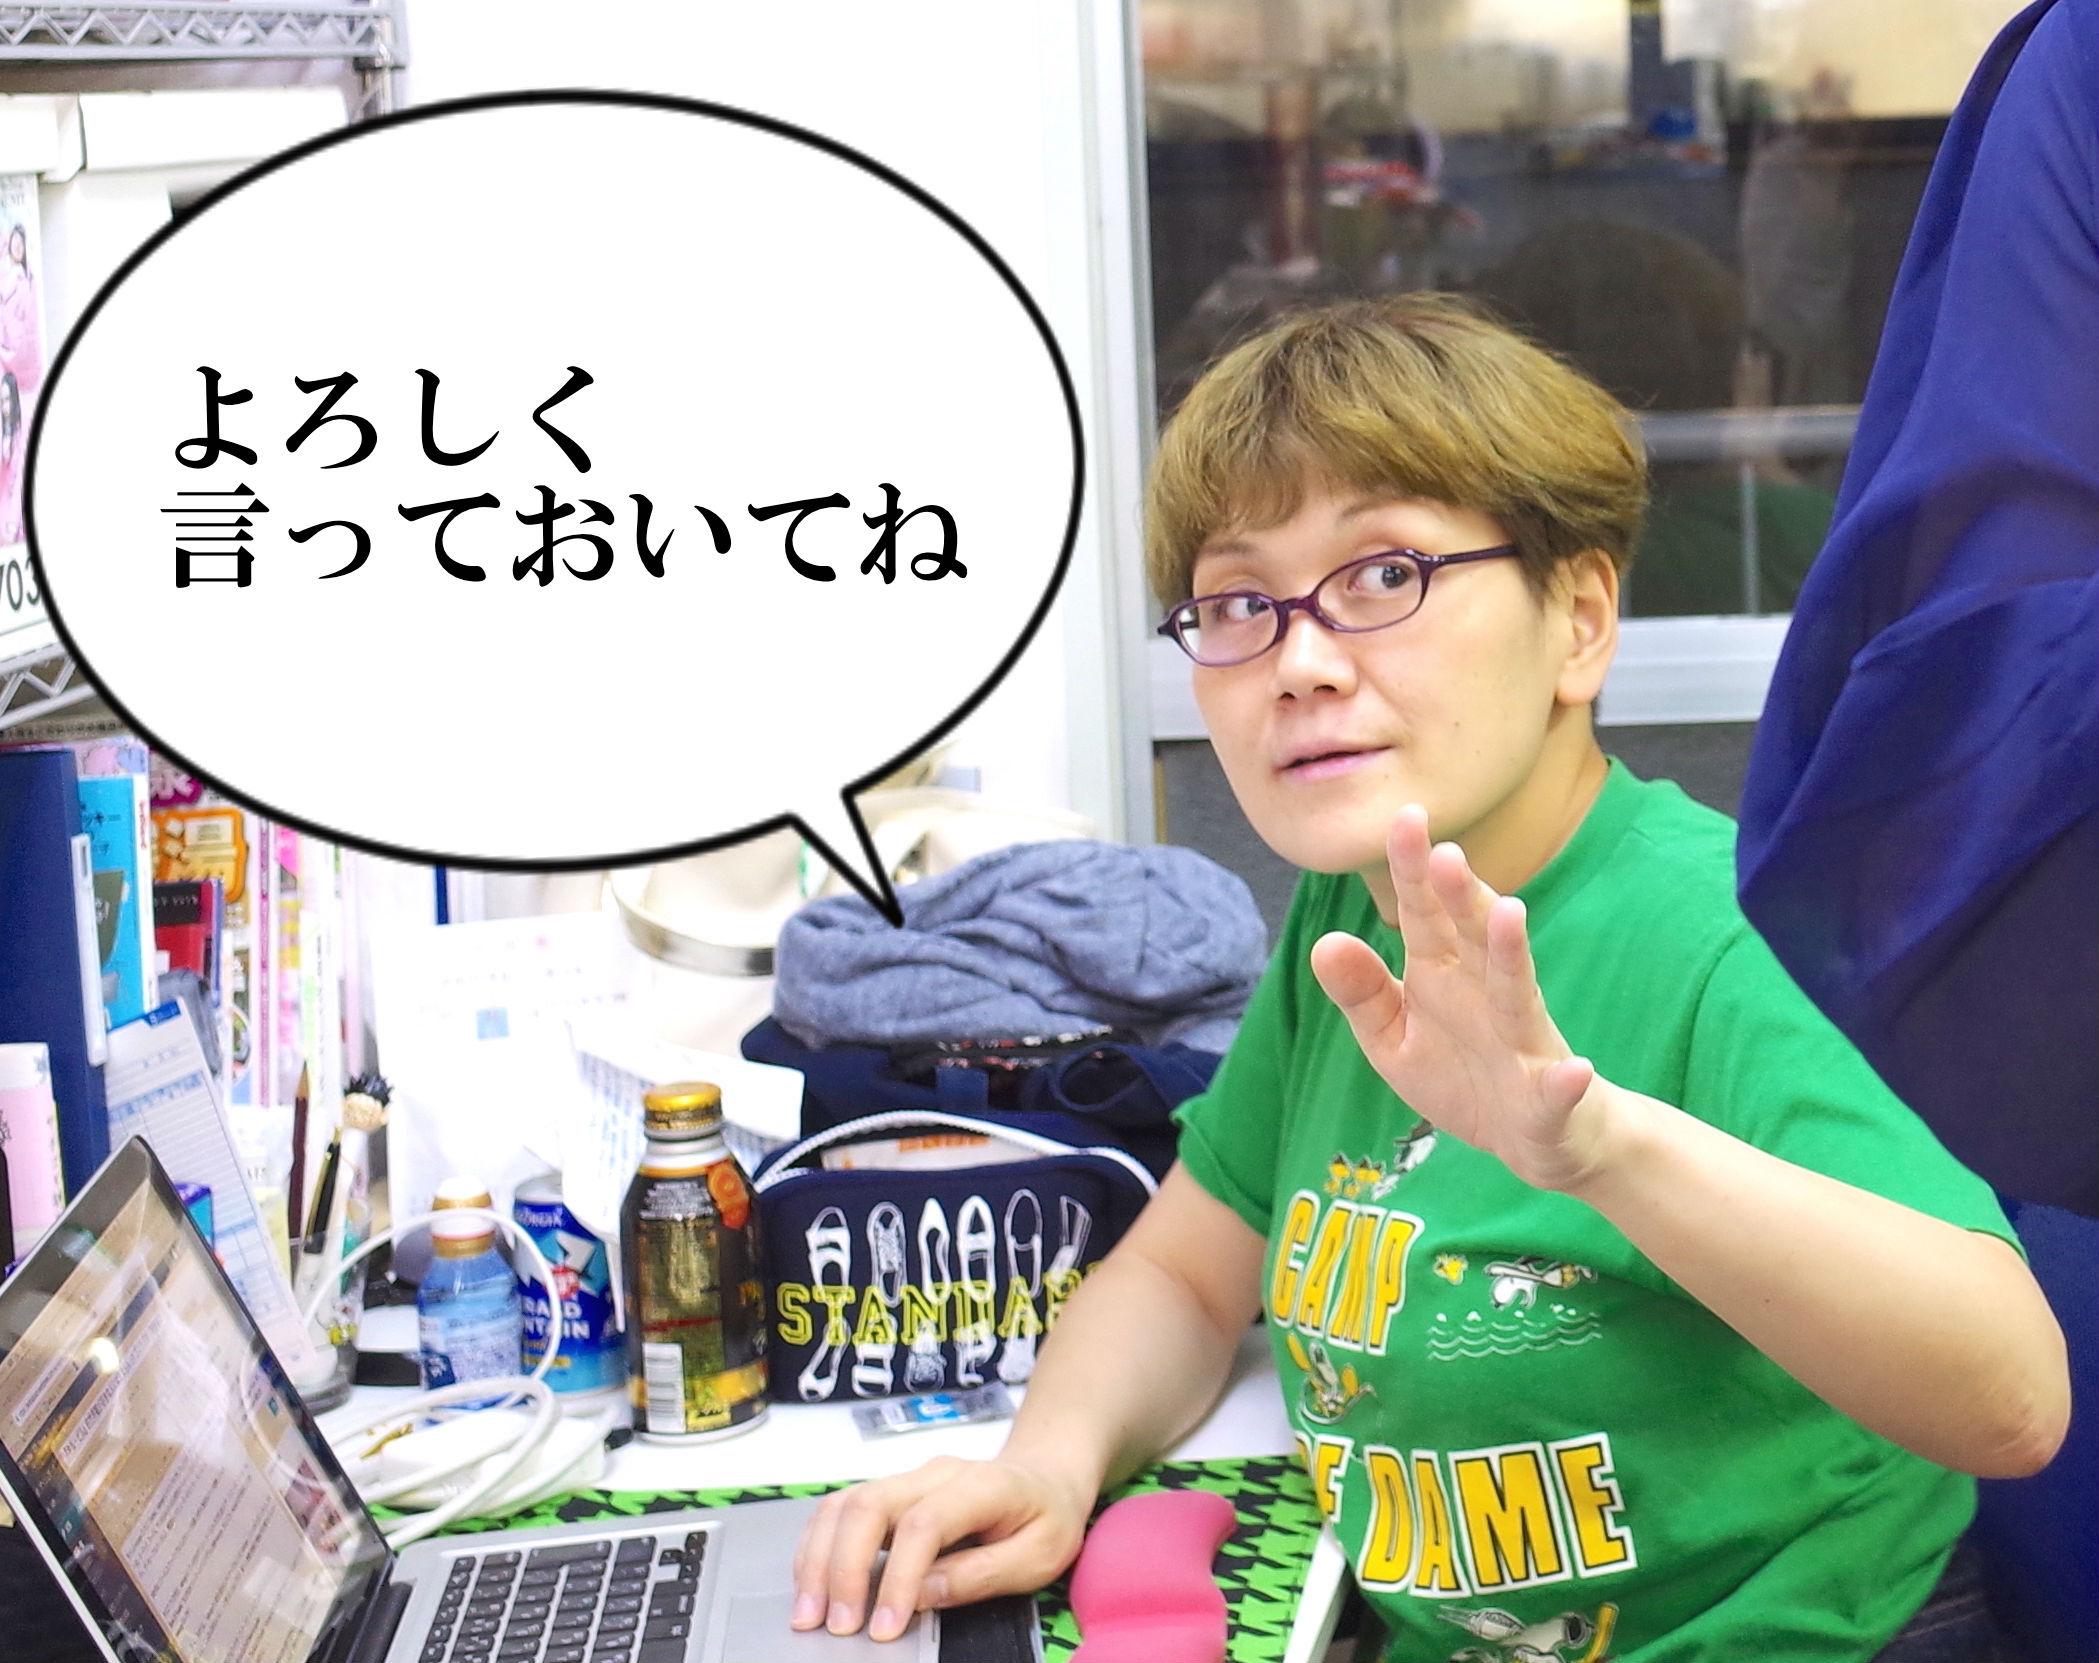 yoroaki